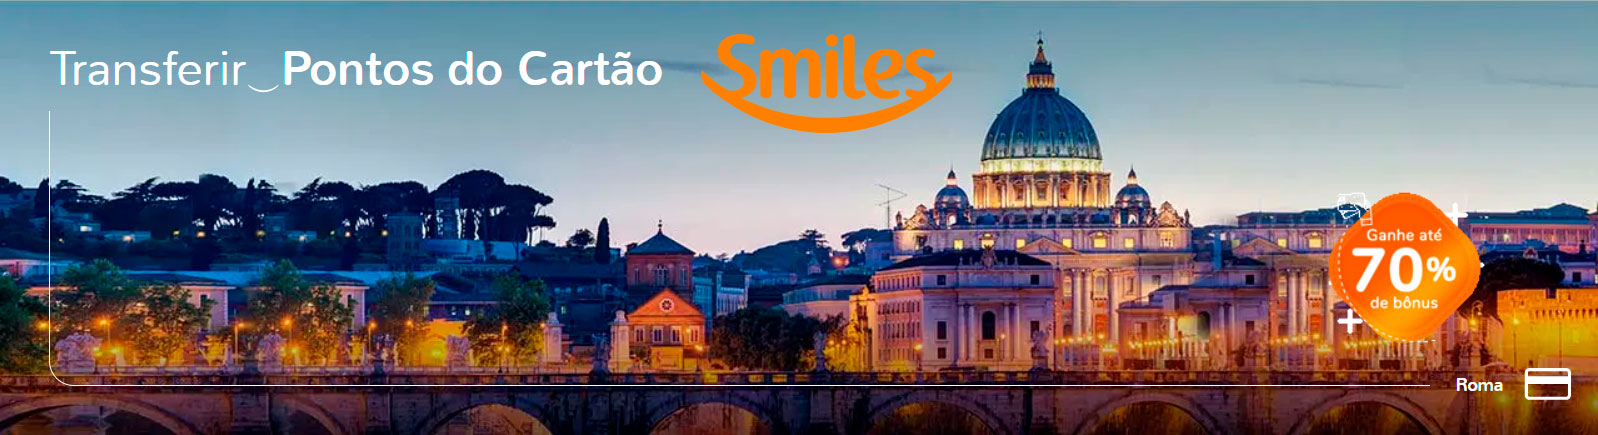 Smiles: transfira os pontos do cartão e ganhe até 70% de bonus!